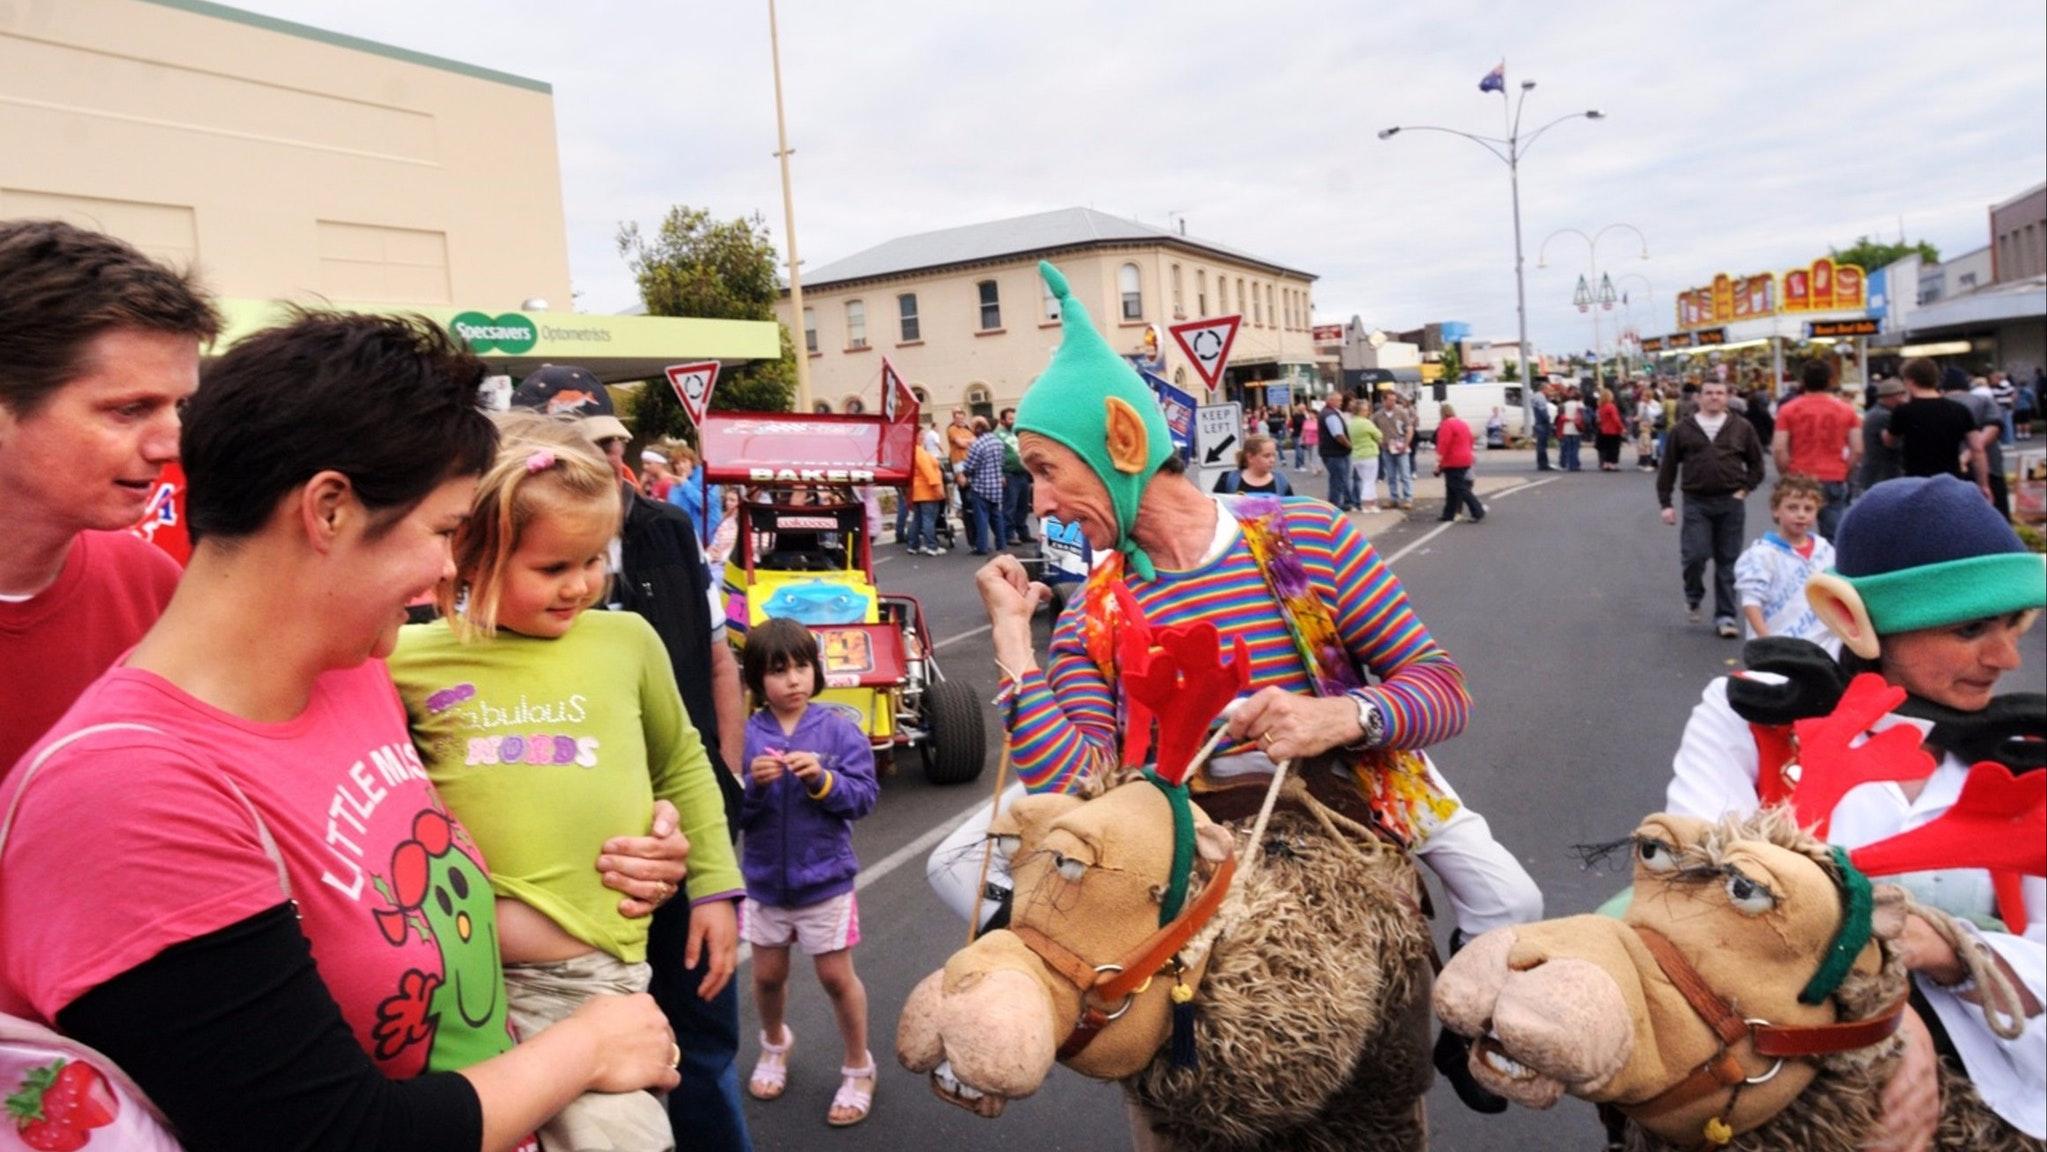 Kannamaroo Festival